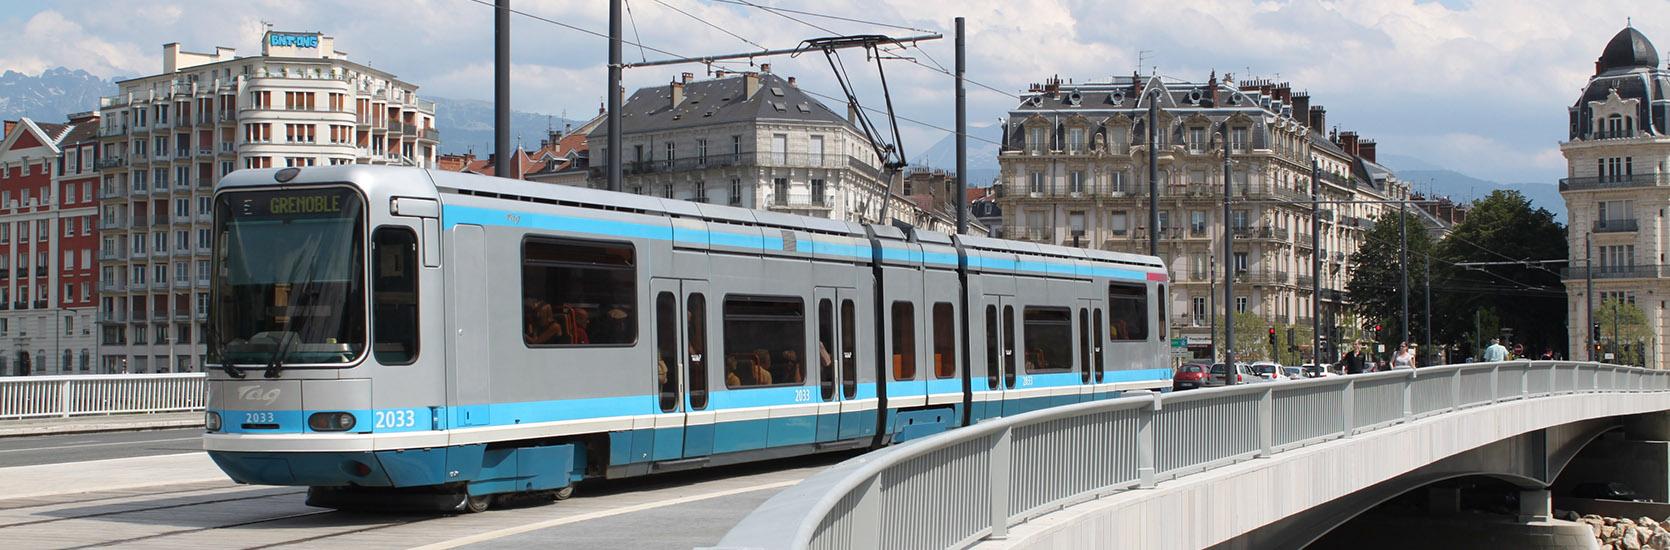 slider-3-tram-grenoble